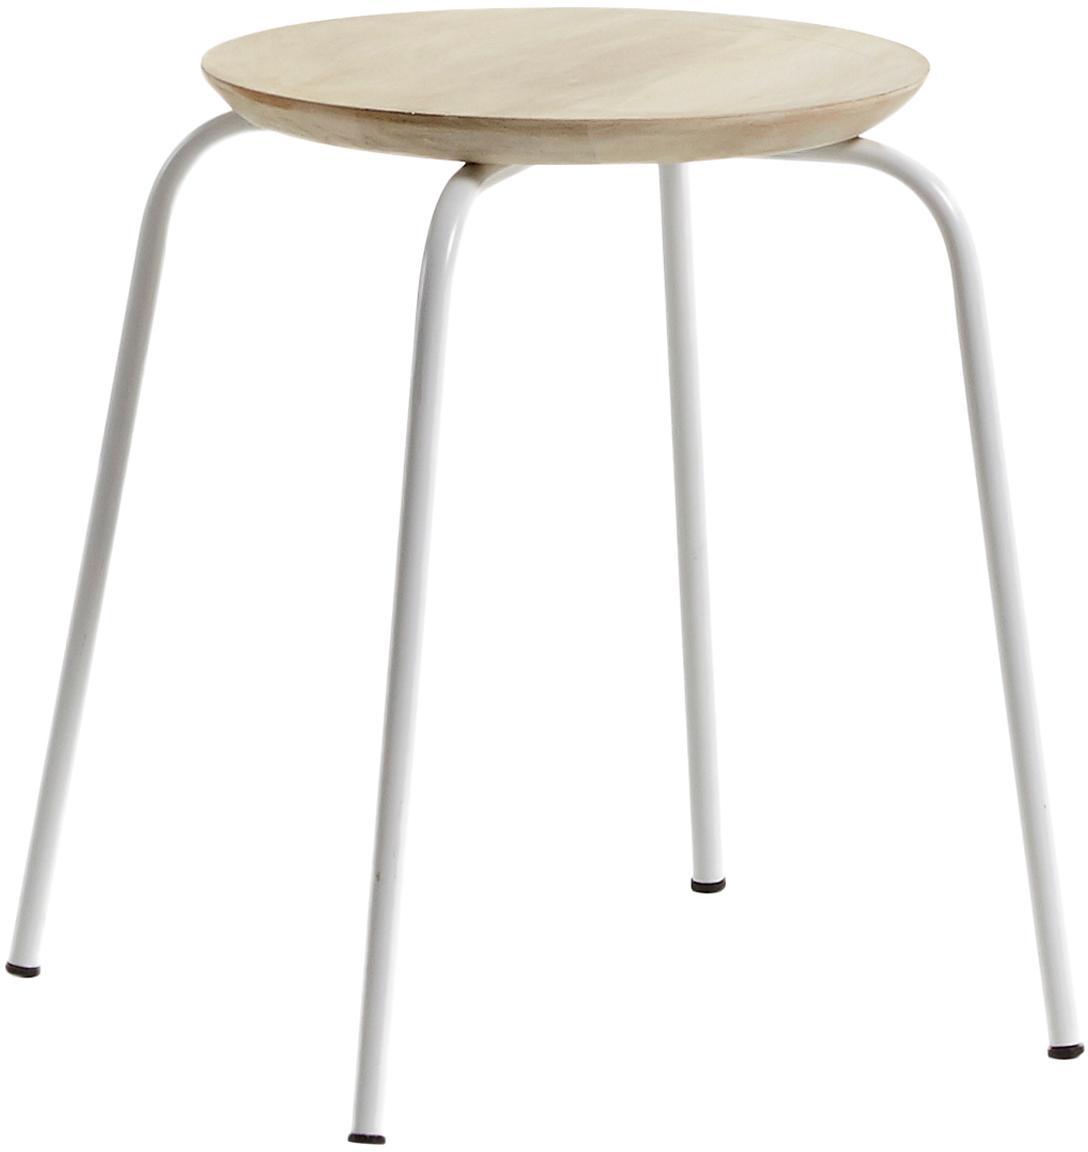 Sgabello impilabile Ren, Seduta: legno di mango naturale, Gambe: metallo verniciato, Legno di mango, bianco, Ø 40 x Alt. 45 cm